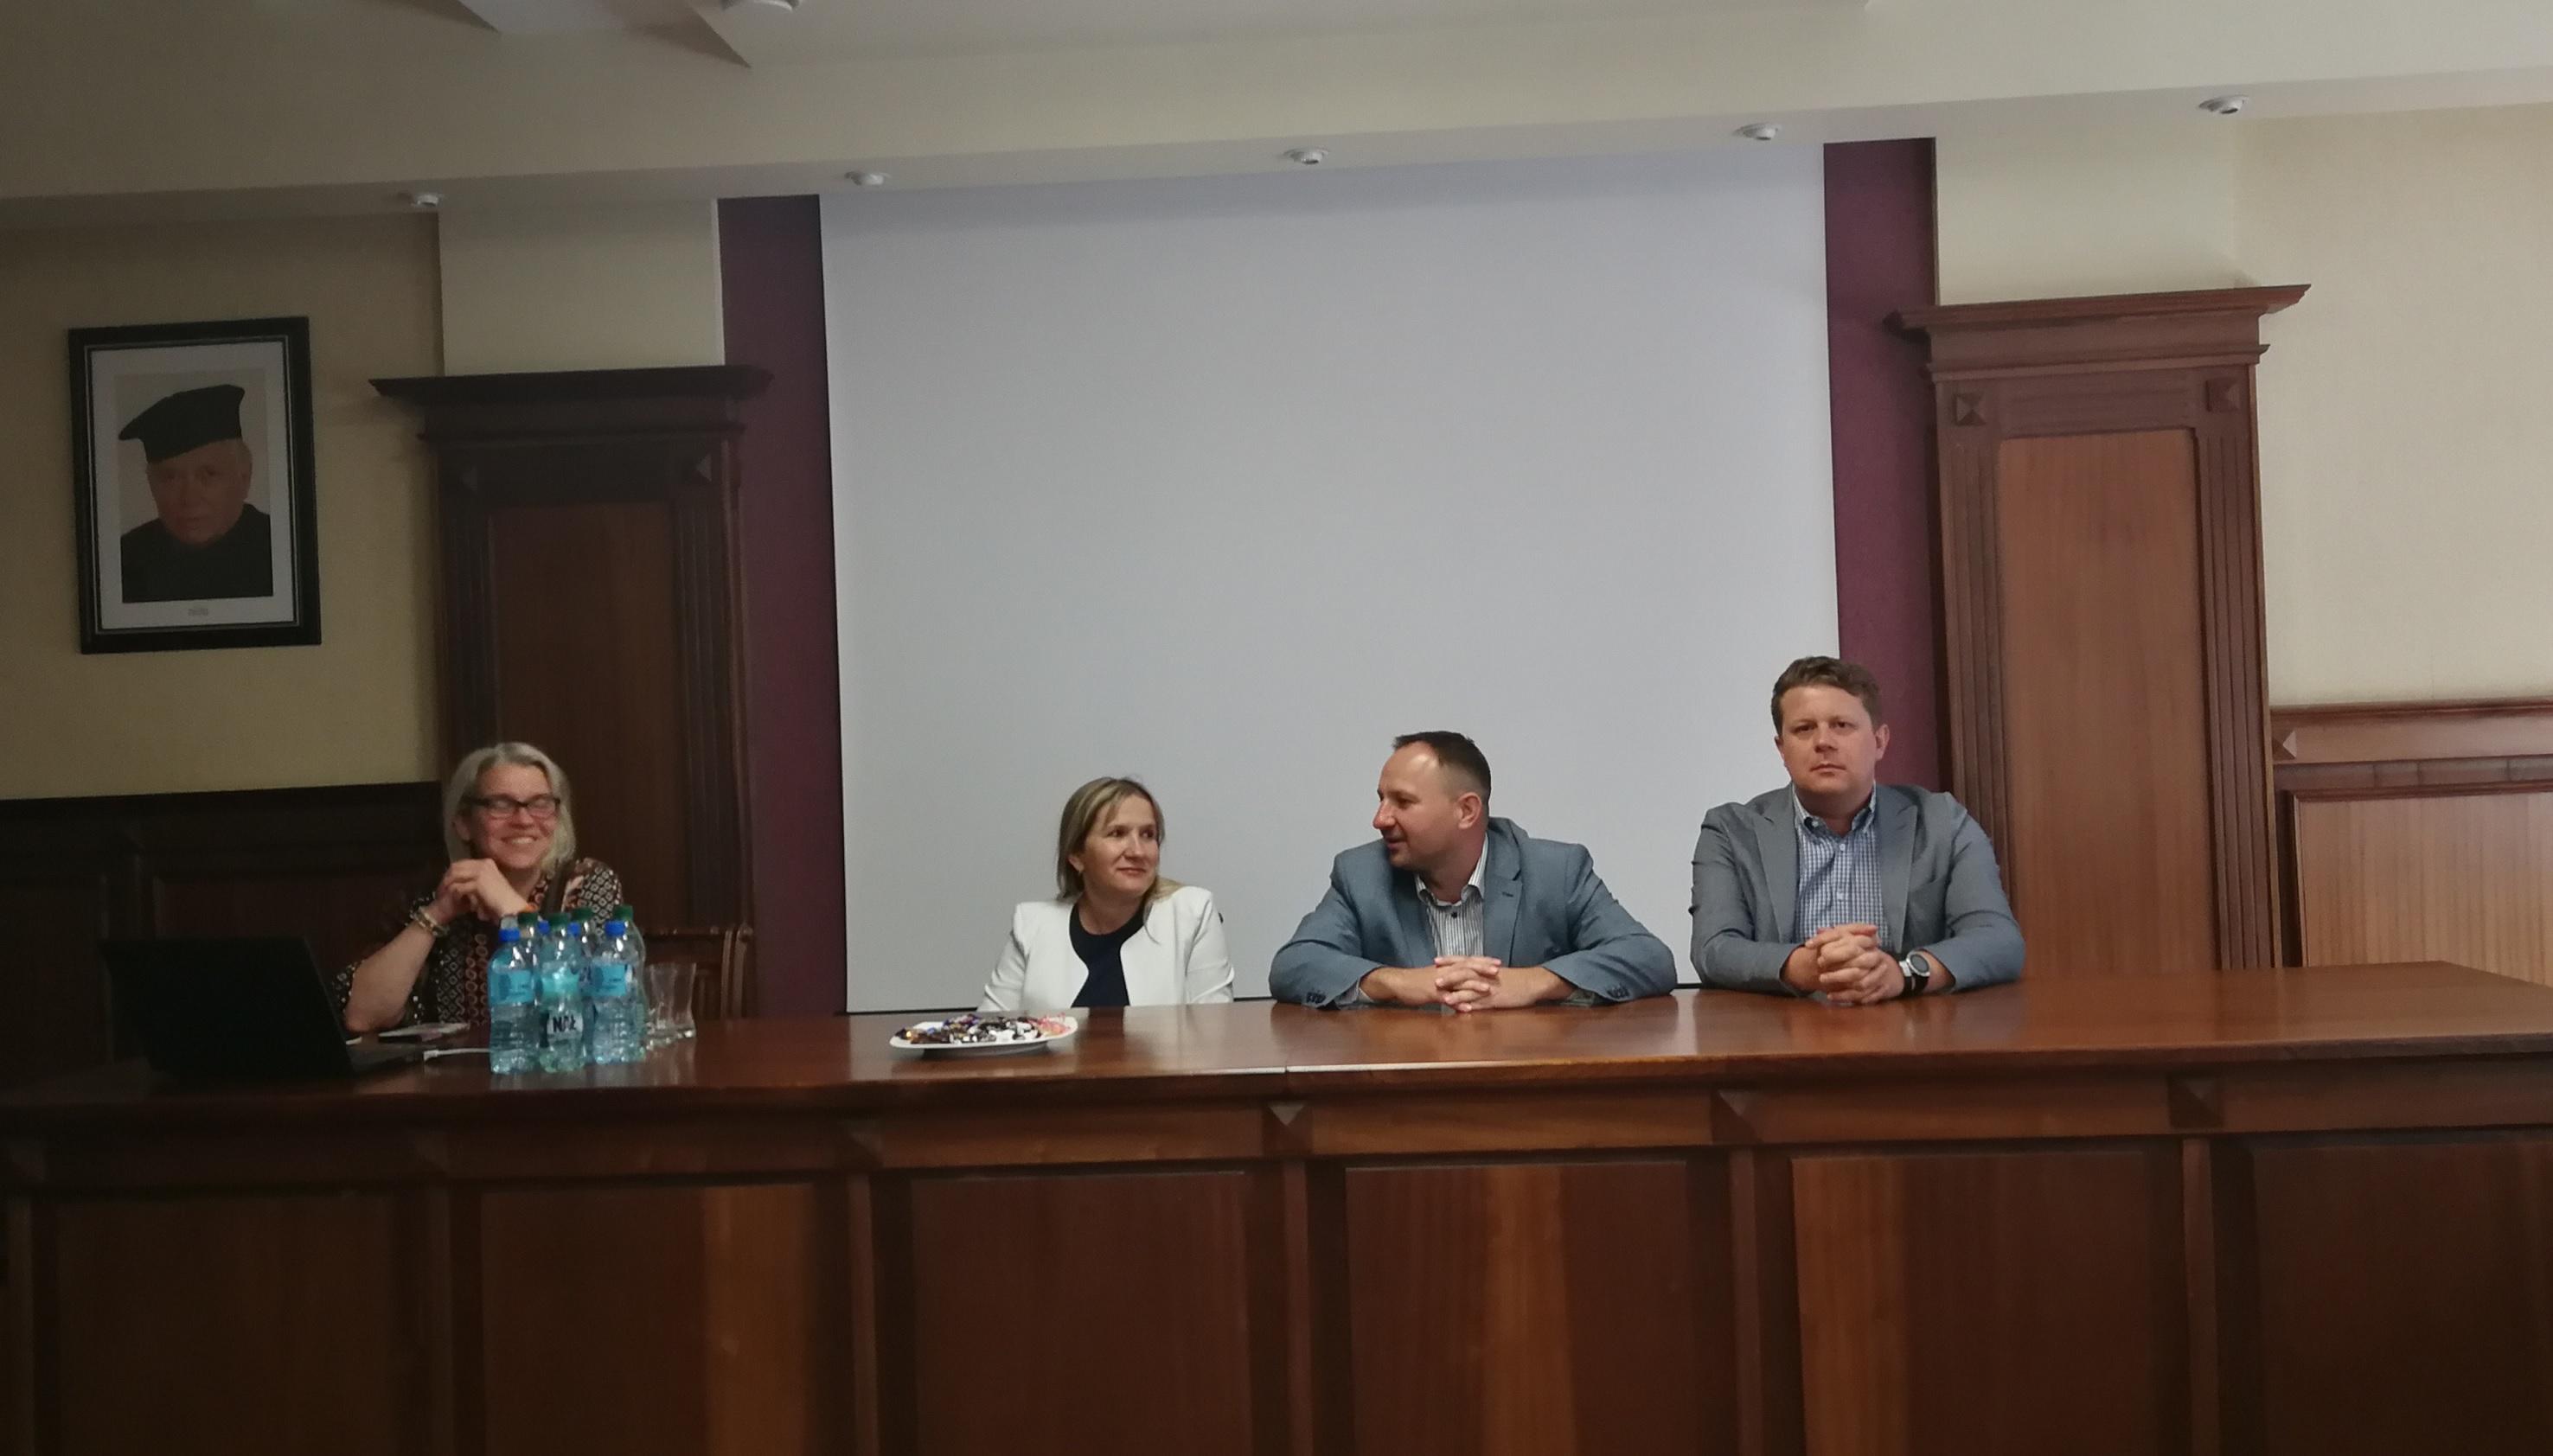 Podziękowanie za spotkanie z przedstawicielami OIRP dot. naboru i odbywania aplikacji radcowskiej w OIRP w Szczecinie